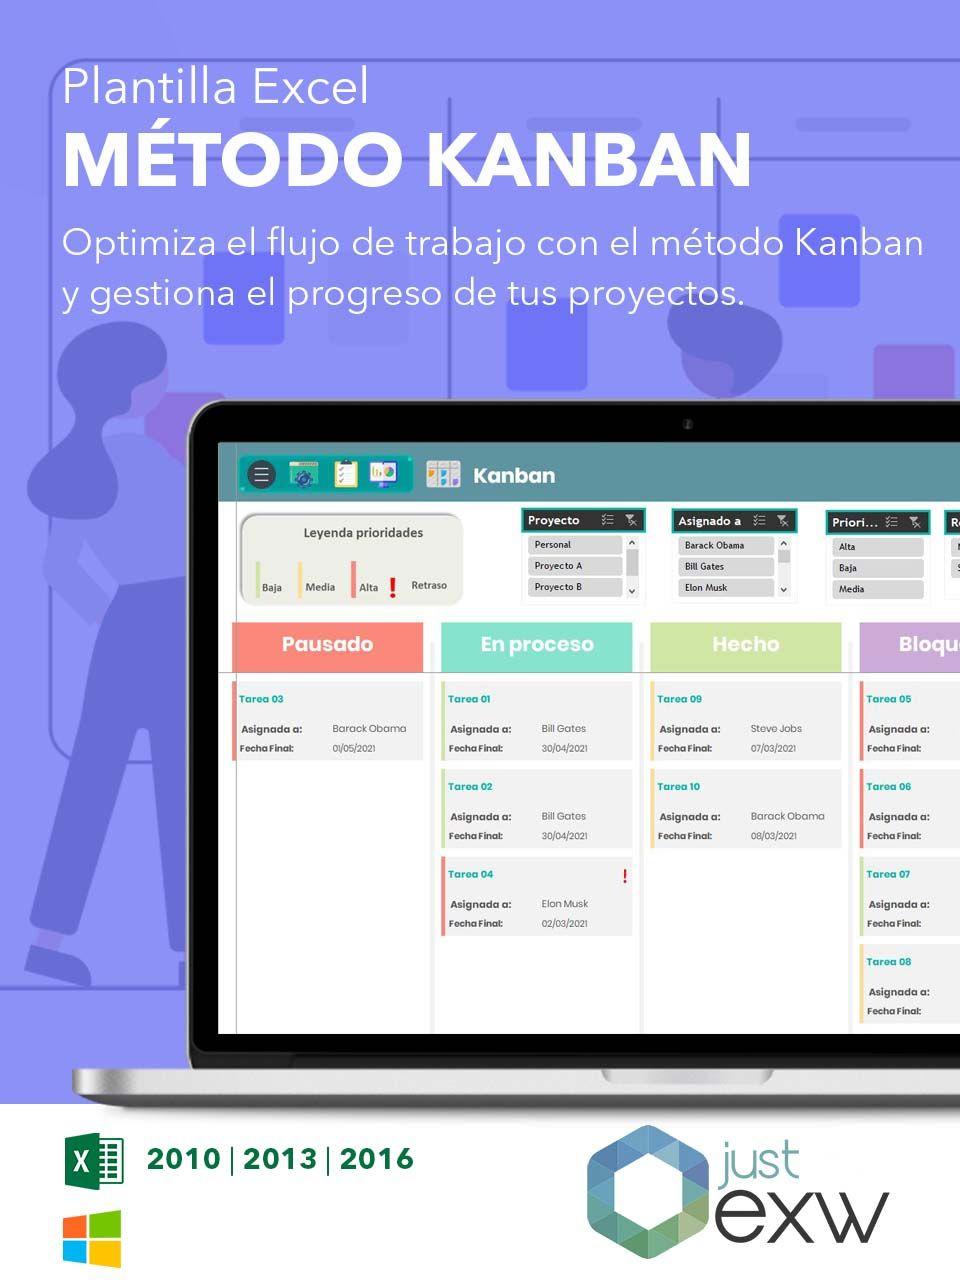 Plantilla tablero Kanban en Excel